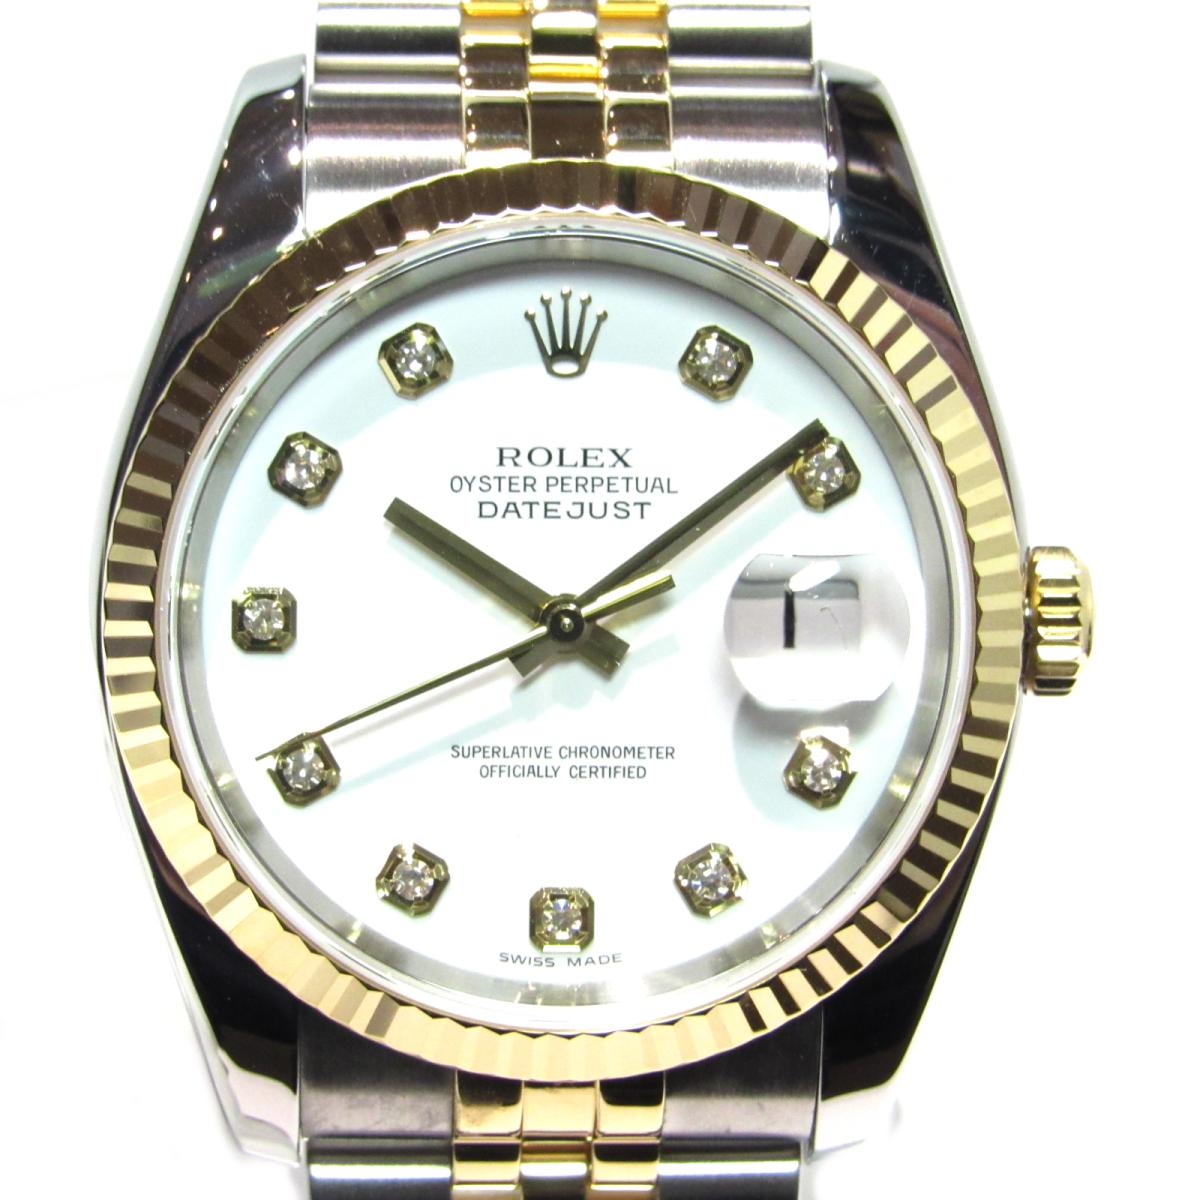 【中古】 ロレックス デイトジャスト 腕時計 ウォッチ メンズ ステンレススチール (SS) x イエローゴールド ゴールド x シルバー x ホワイト (116233G)   ROLEX オートマチック 時計 自動巻き デイトジャスト 美品 ブランドオフ